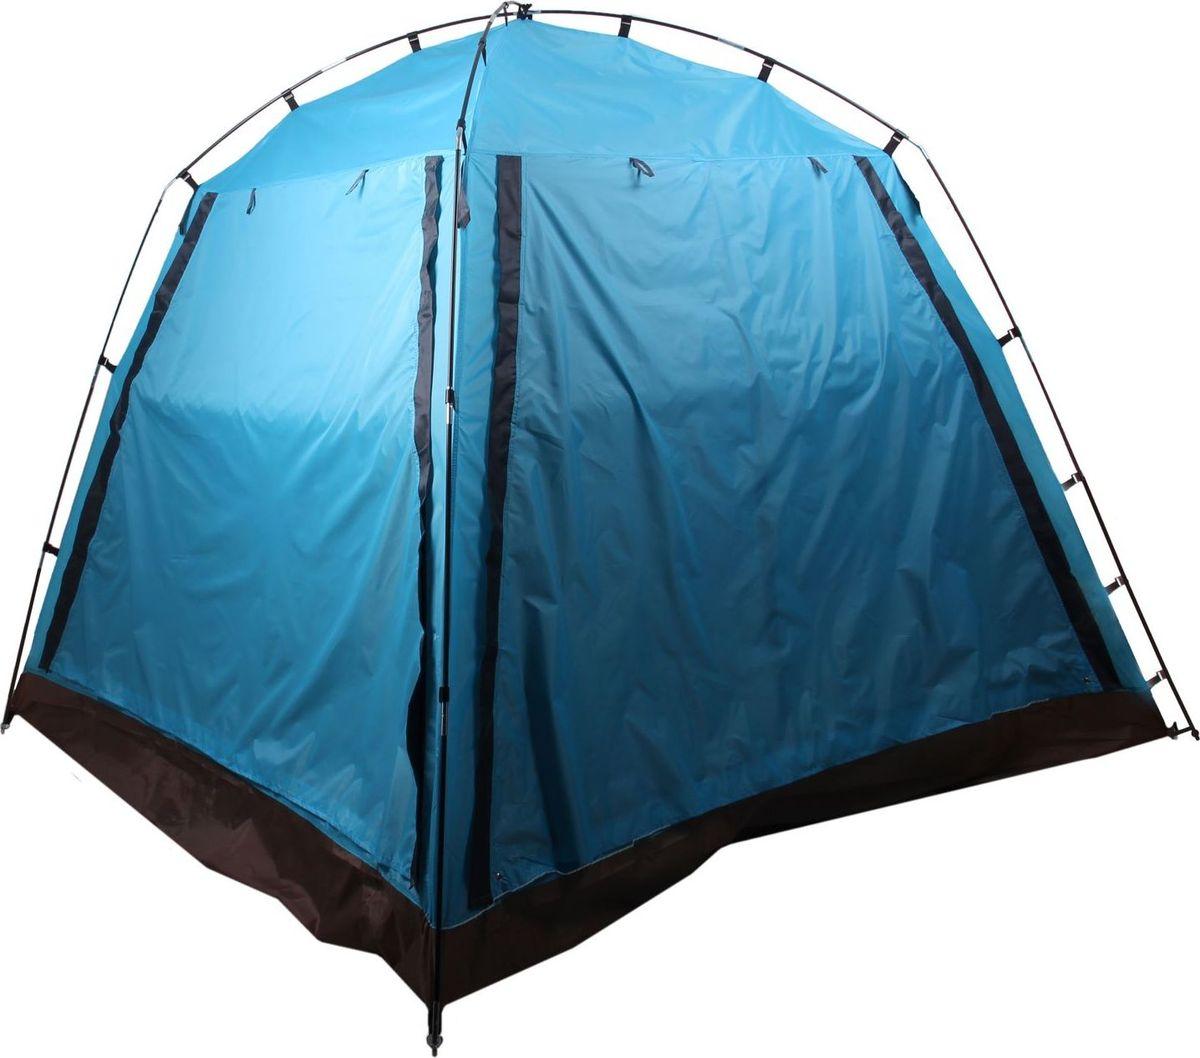 Шатер со стенками, размер 220 х 220 х 180 см, цвет синий позволит укрыться от солнца в жаркий день и защитит от надоедливых насекомых. Внутри палатки вы сможете расположиться для ночевки в теплую погоду. С двух противоположных сторон сделаны входы с москитной сеткой, закрывающиеся на молнию. Обе боковые стенки состоят из внешней откидывающейся части и оборудованы москитной сеткой, благодаря которой внутрь будет поступать свежий воздух. Характеристики Тент: таффета 210Т, влагозащита 3000 мм. Пол: оксфорд 210Д, влагозащита 3000 мм. Каркас: сталь. Толщина кольев: 3 мм. Толщина трубок: 10 мм. Толщина металлической оплетки: 1,5 мм. Вместимость: 3 человека.